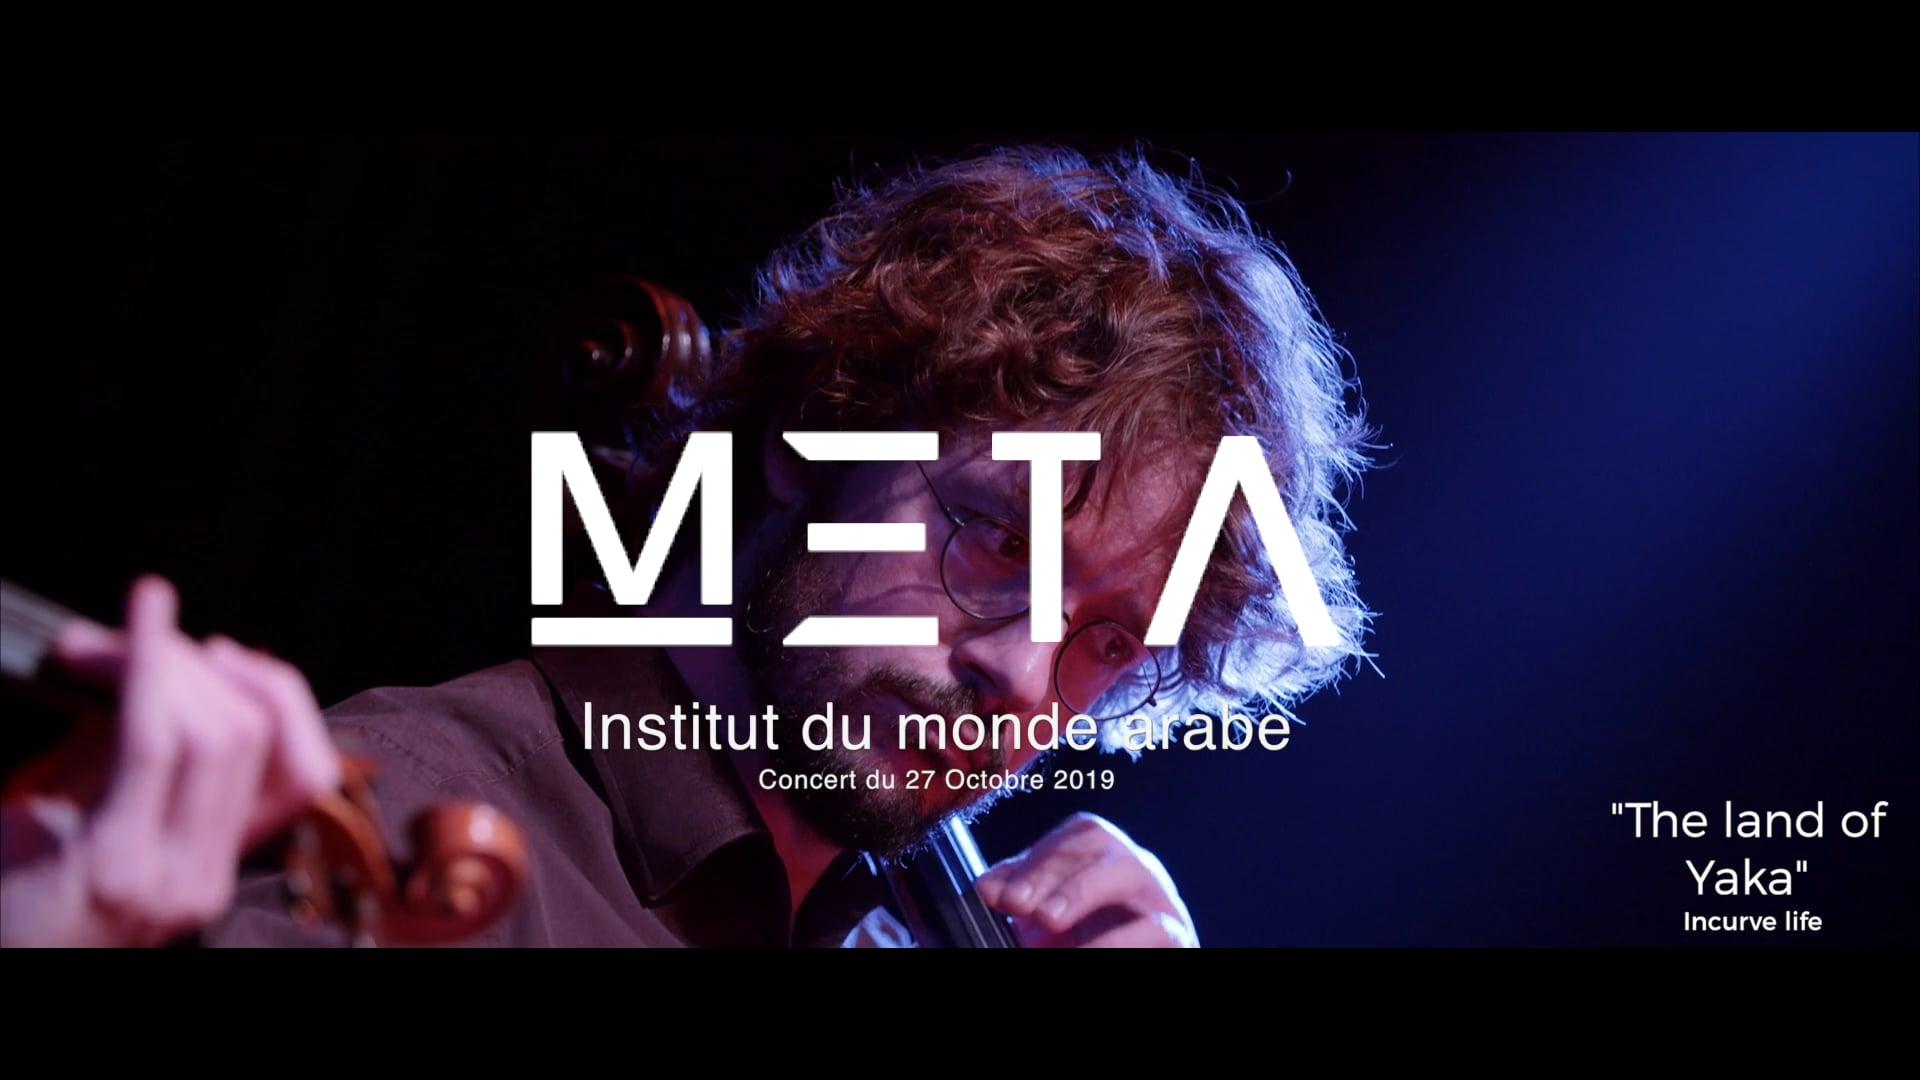 Concert de Meta kheniche à l'institut du monde arabe